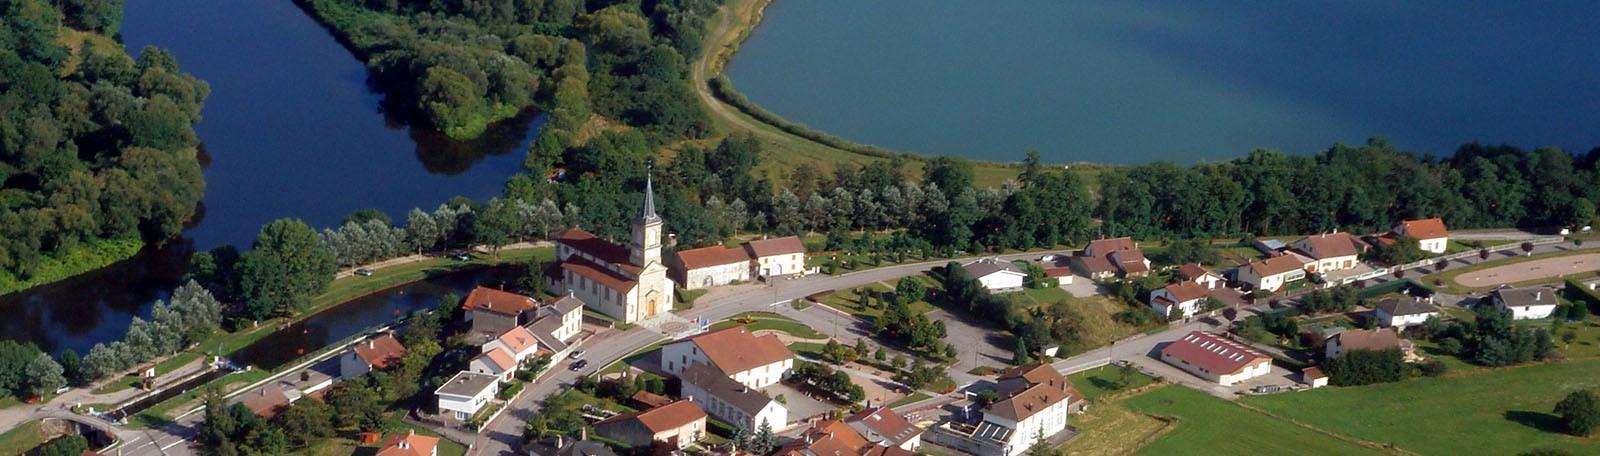 Stationner à Epinal Saint Nicolas